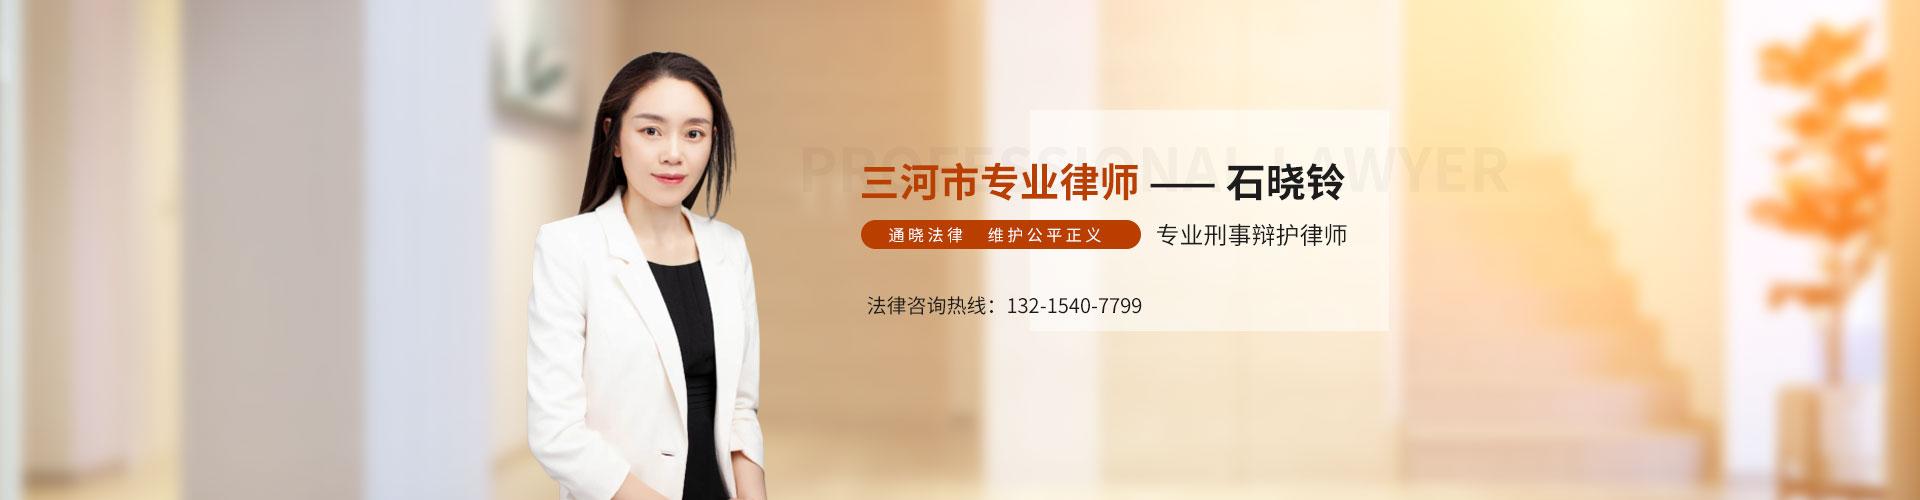 石晓玲律师